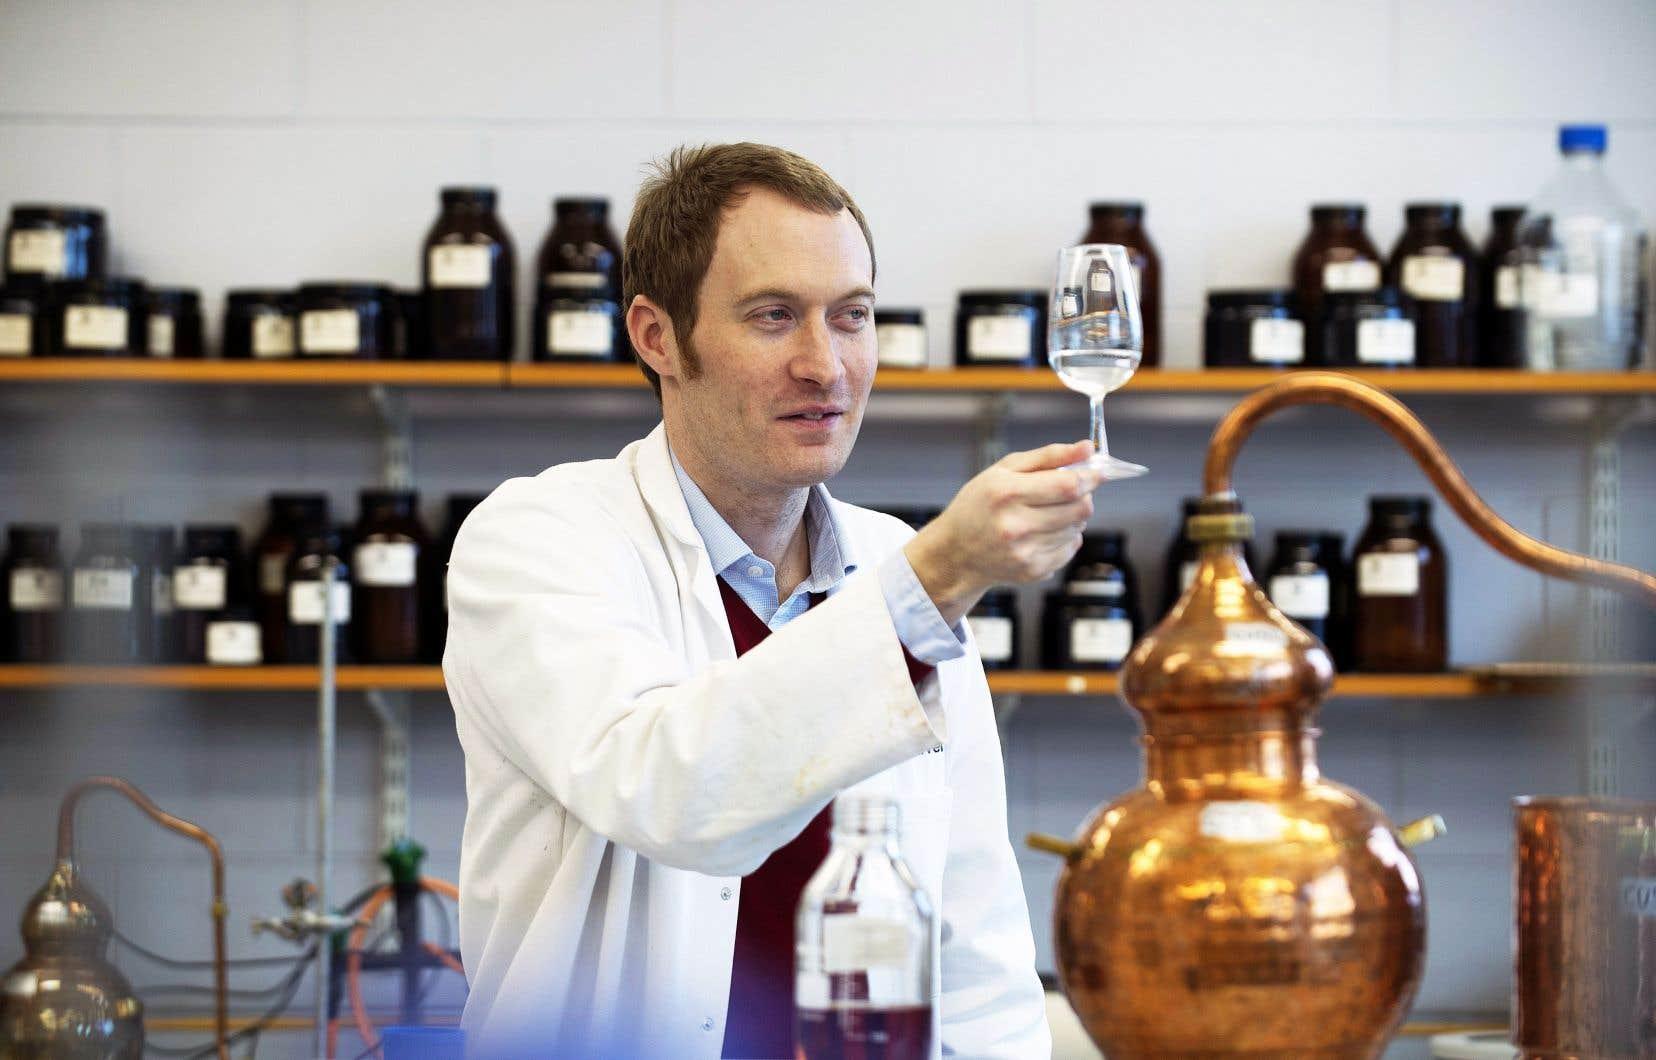 «Johnny Walker ne peut soudainement faire du whisky à la fraise [...]», explique Matthew Pauley, professeur assistant au Centre international du brassage et de la distillation (ICBD) à l'Université Heriot-Watt à Édimbourg.